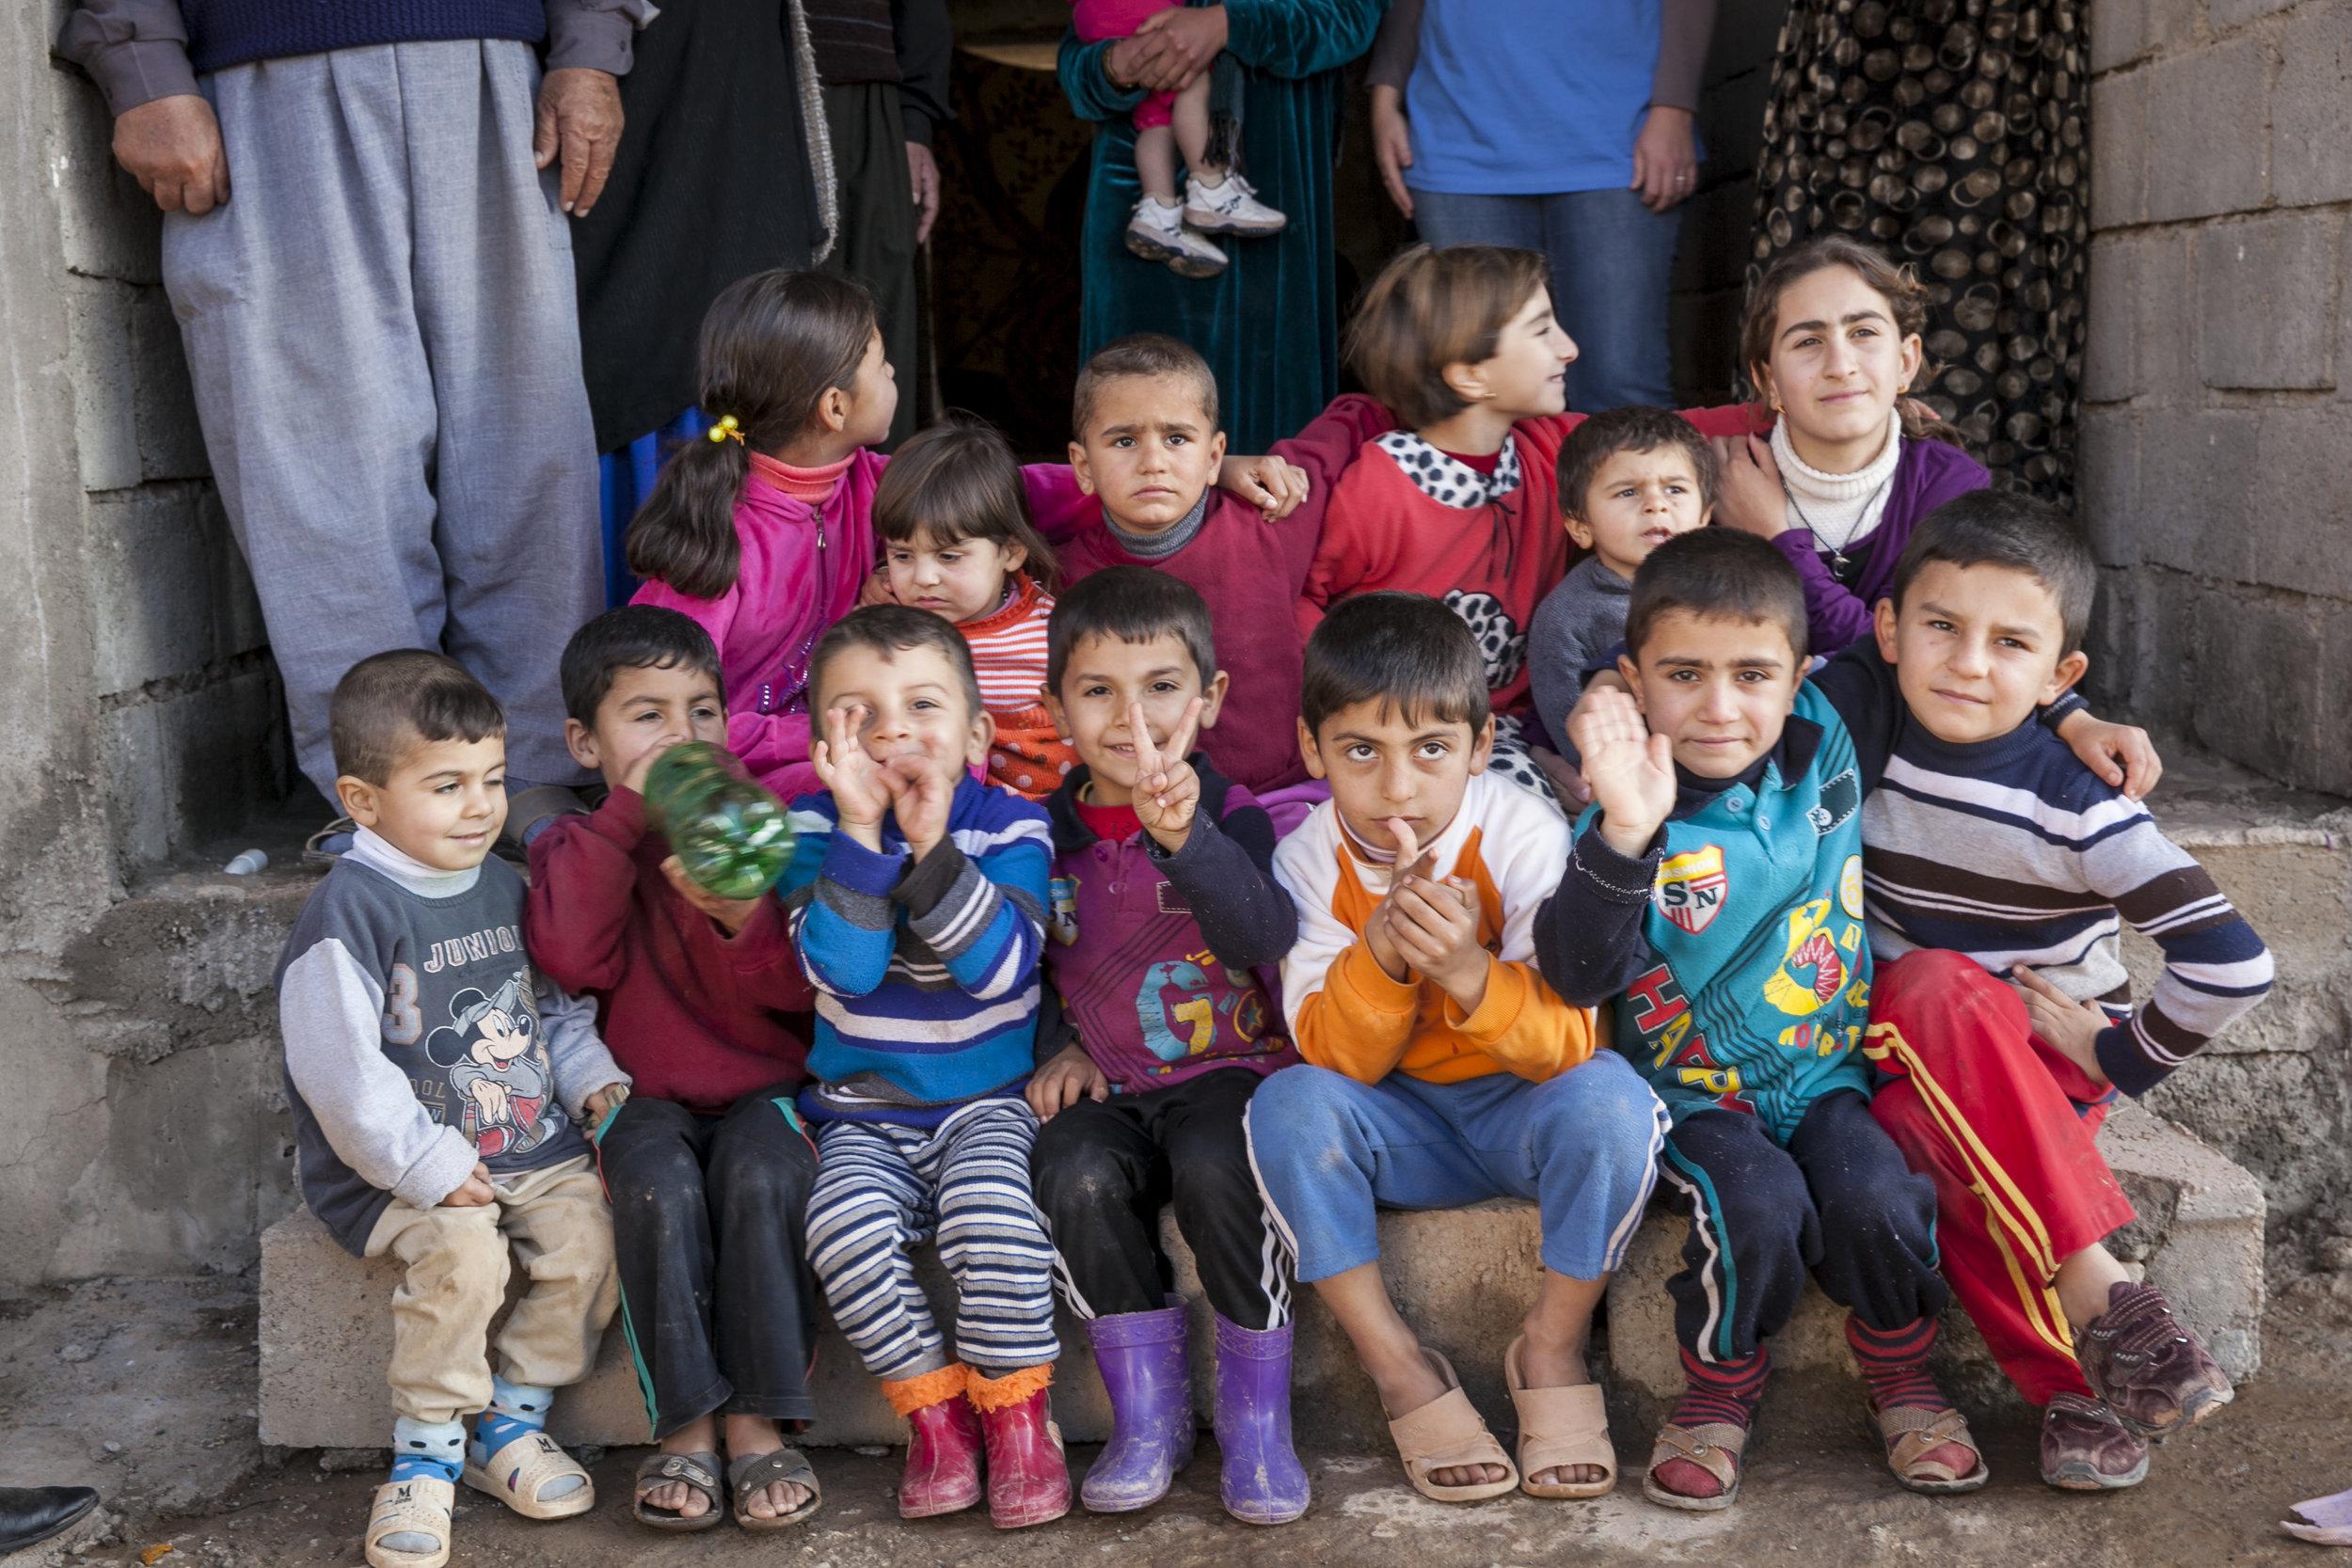 20141205_Refugee_GH_0439.jpg